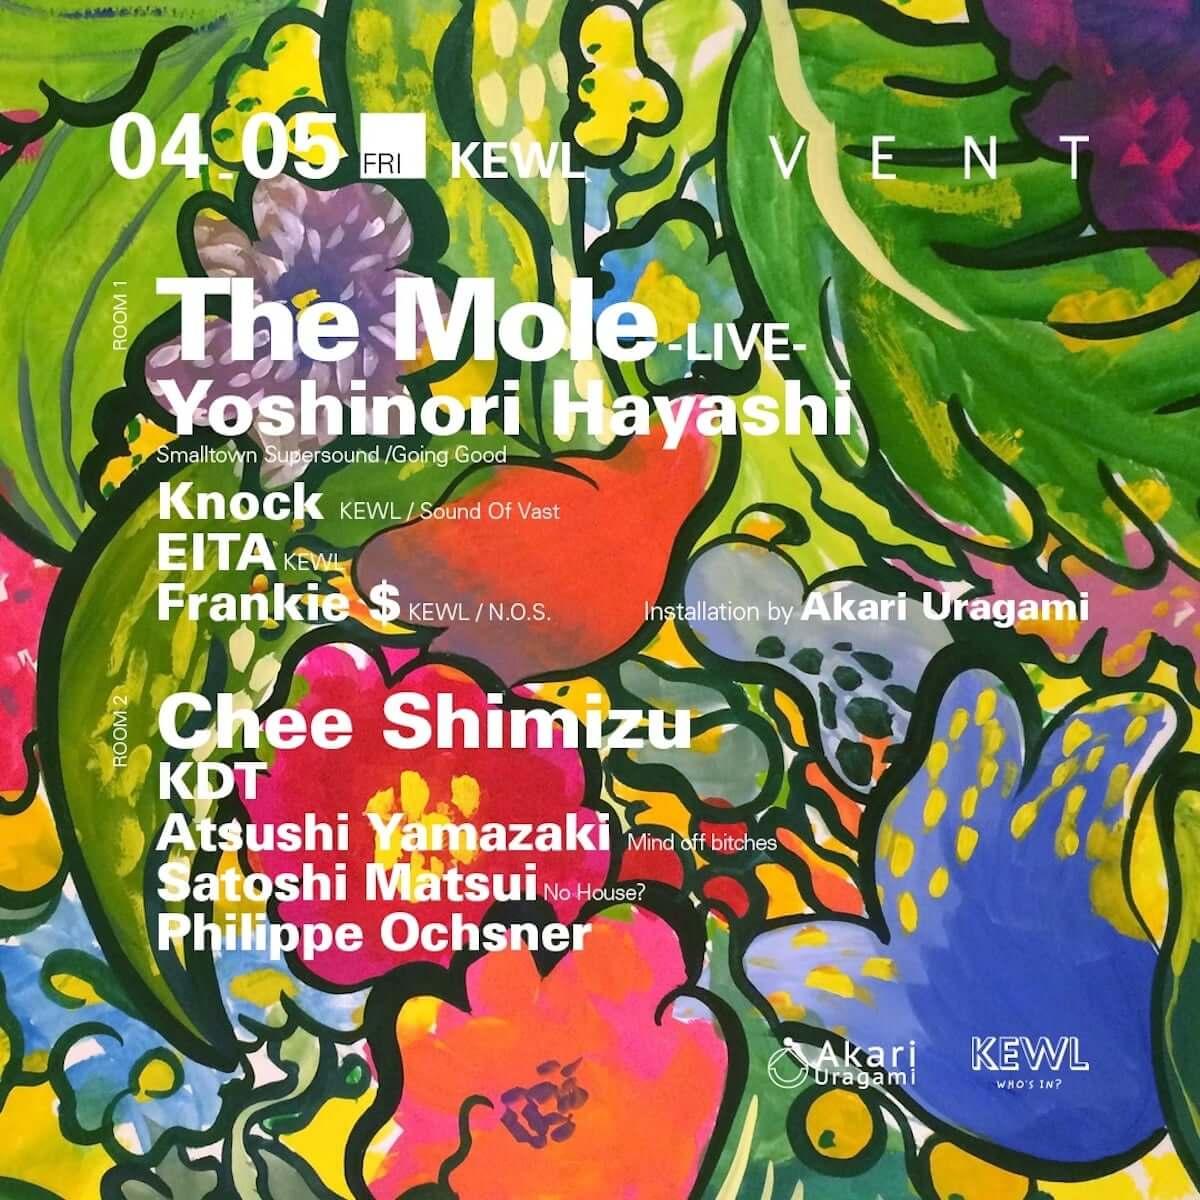 4月開催の「KEWL」にThe Moleがライブセットで登場|Yoshinori Hayashi、Chee Shimizuも登場 music190304-kewl-the-mole-2-1200x1200